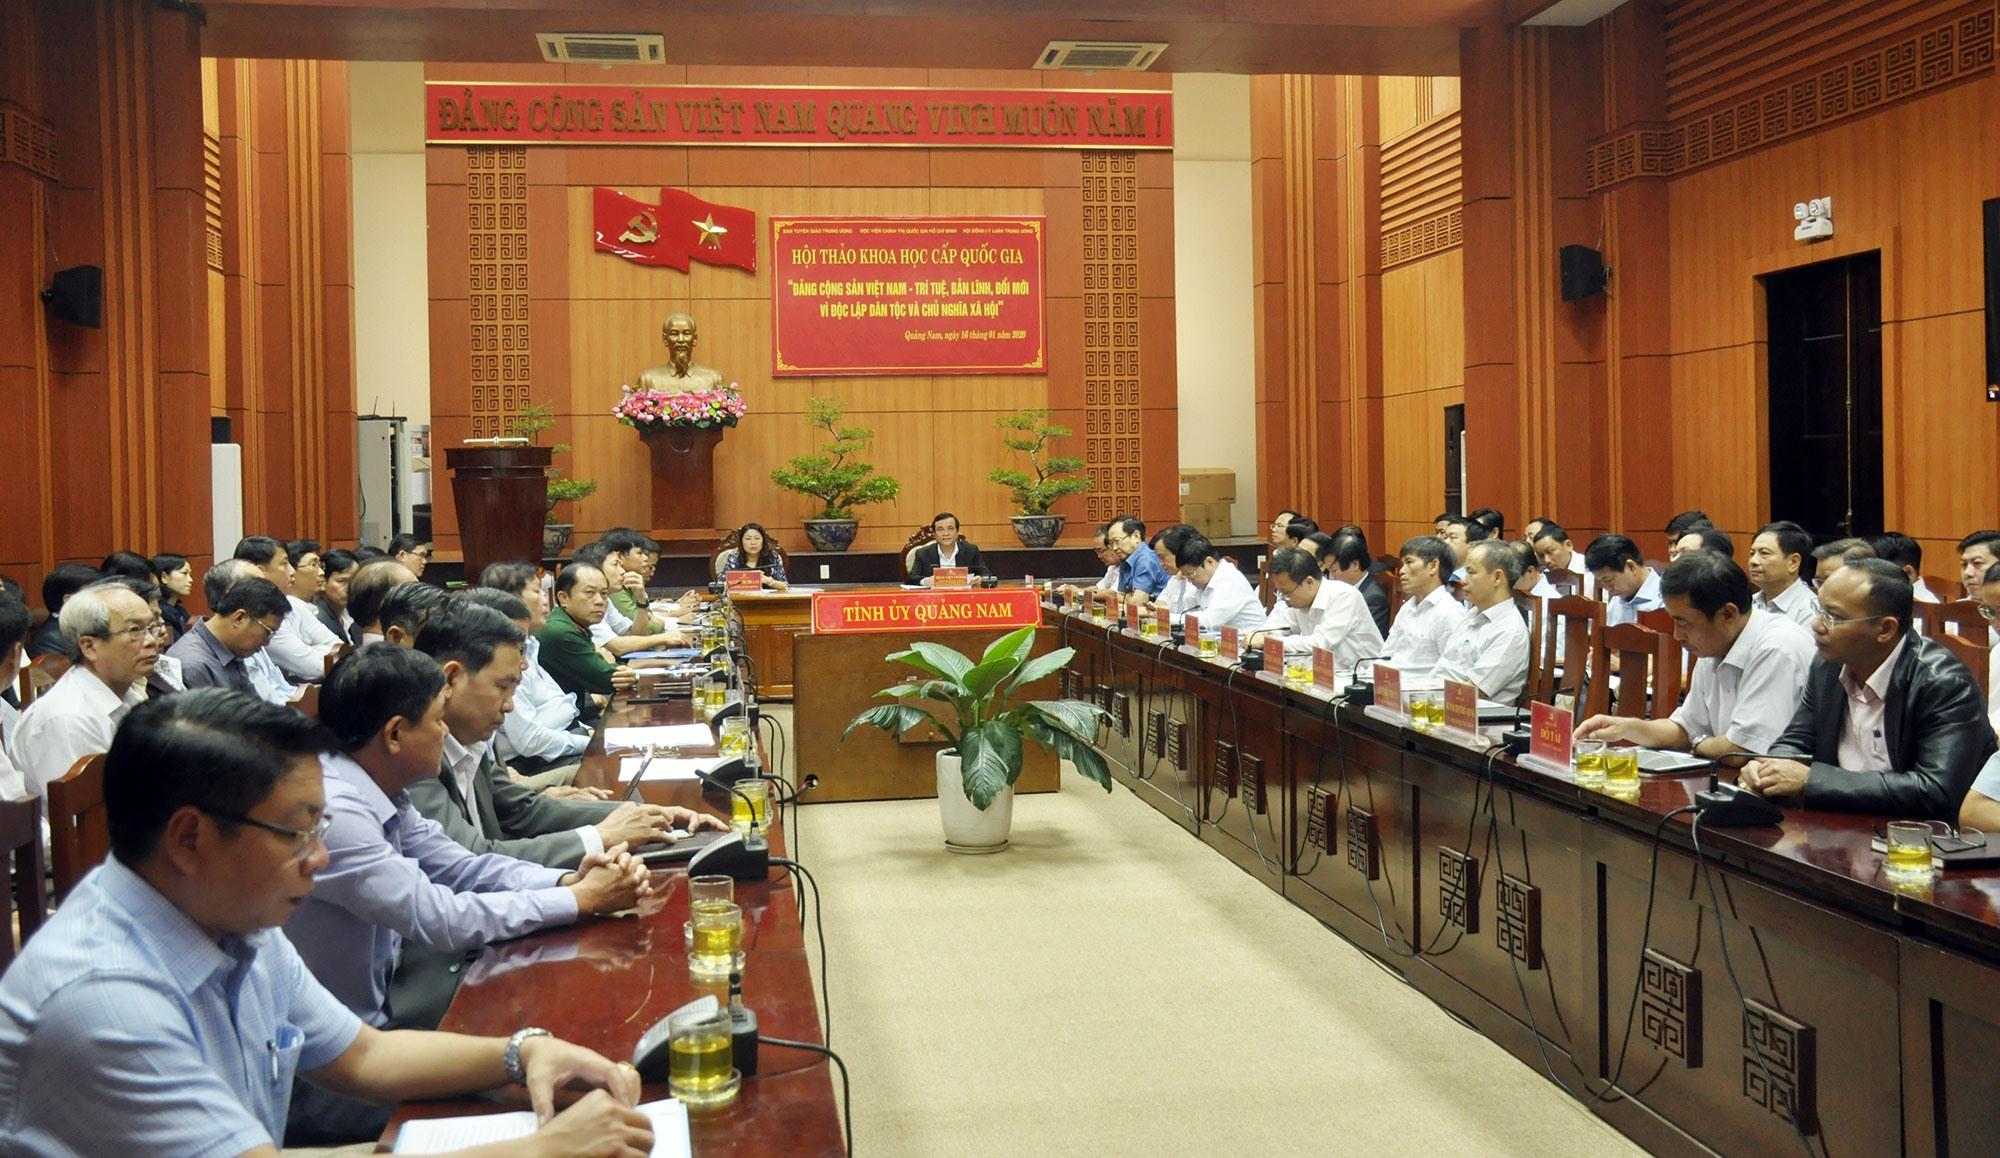 Trung ương vừa tổ chức hội thảo khoa học cấp quốc gia về Đảng Cộng sản Việt Nam nhân kỷ niệm 90 năm Ngày thành lập Đảng. Ảnh: N.Đ